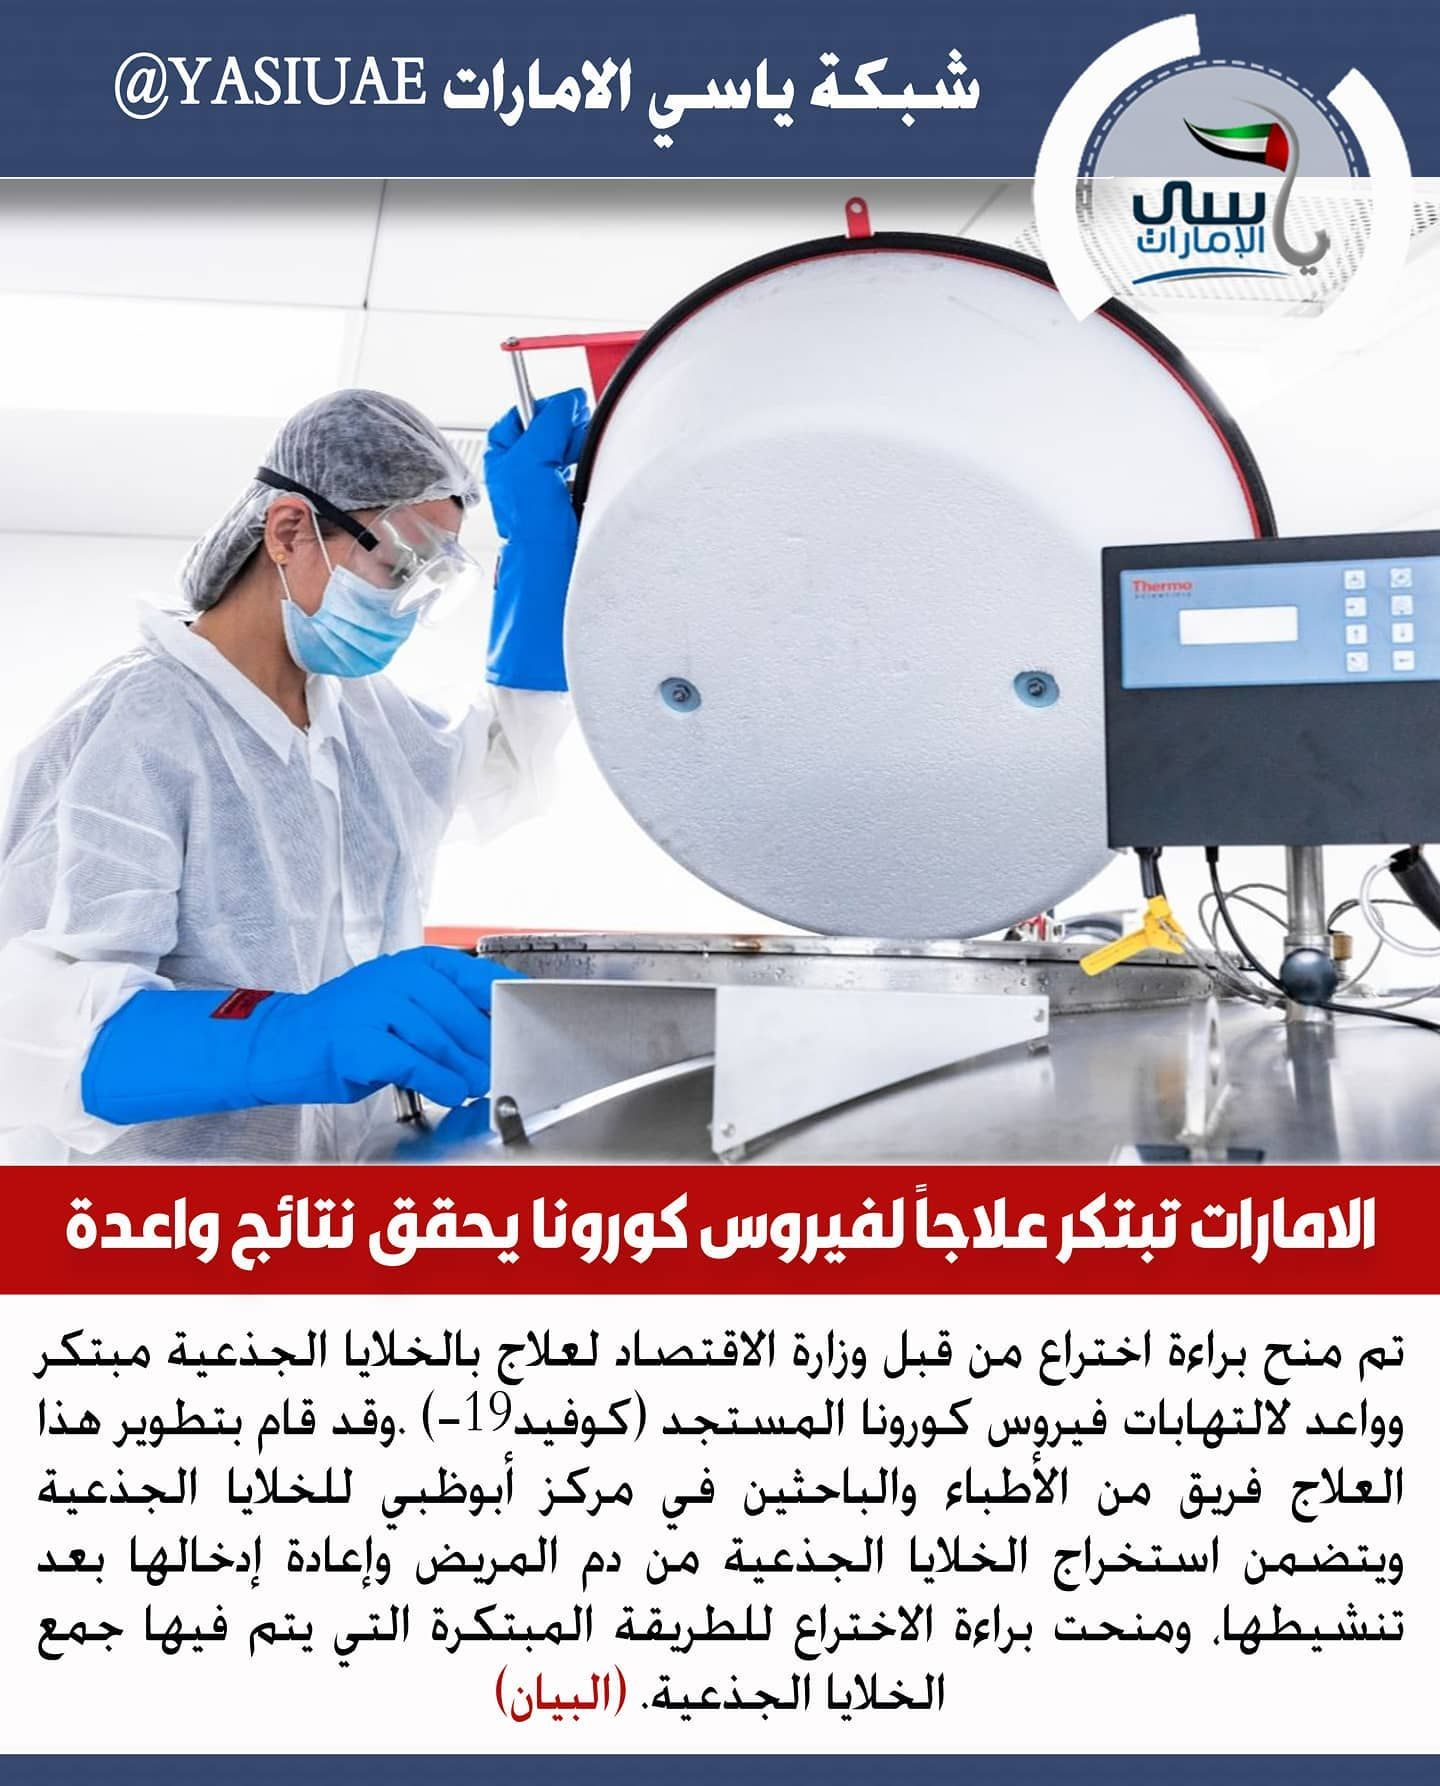 الامارات تبتكر علاجا لفيروس كورونا يحقق نتائج واعدة Www Yasiuae Net Jbl Speaker Jbl Speaker